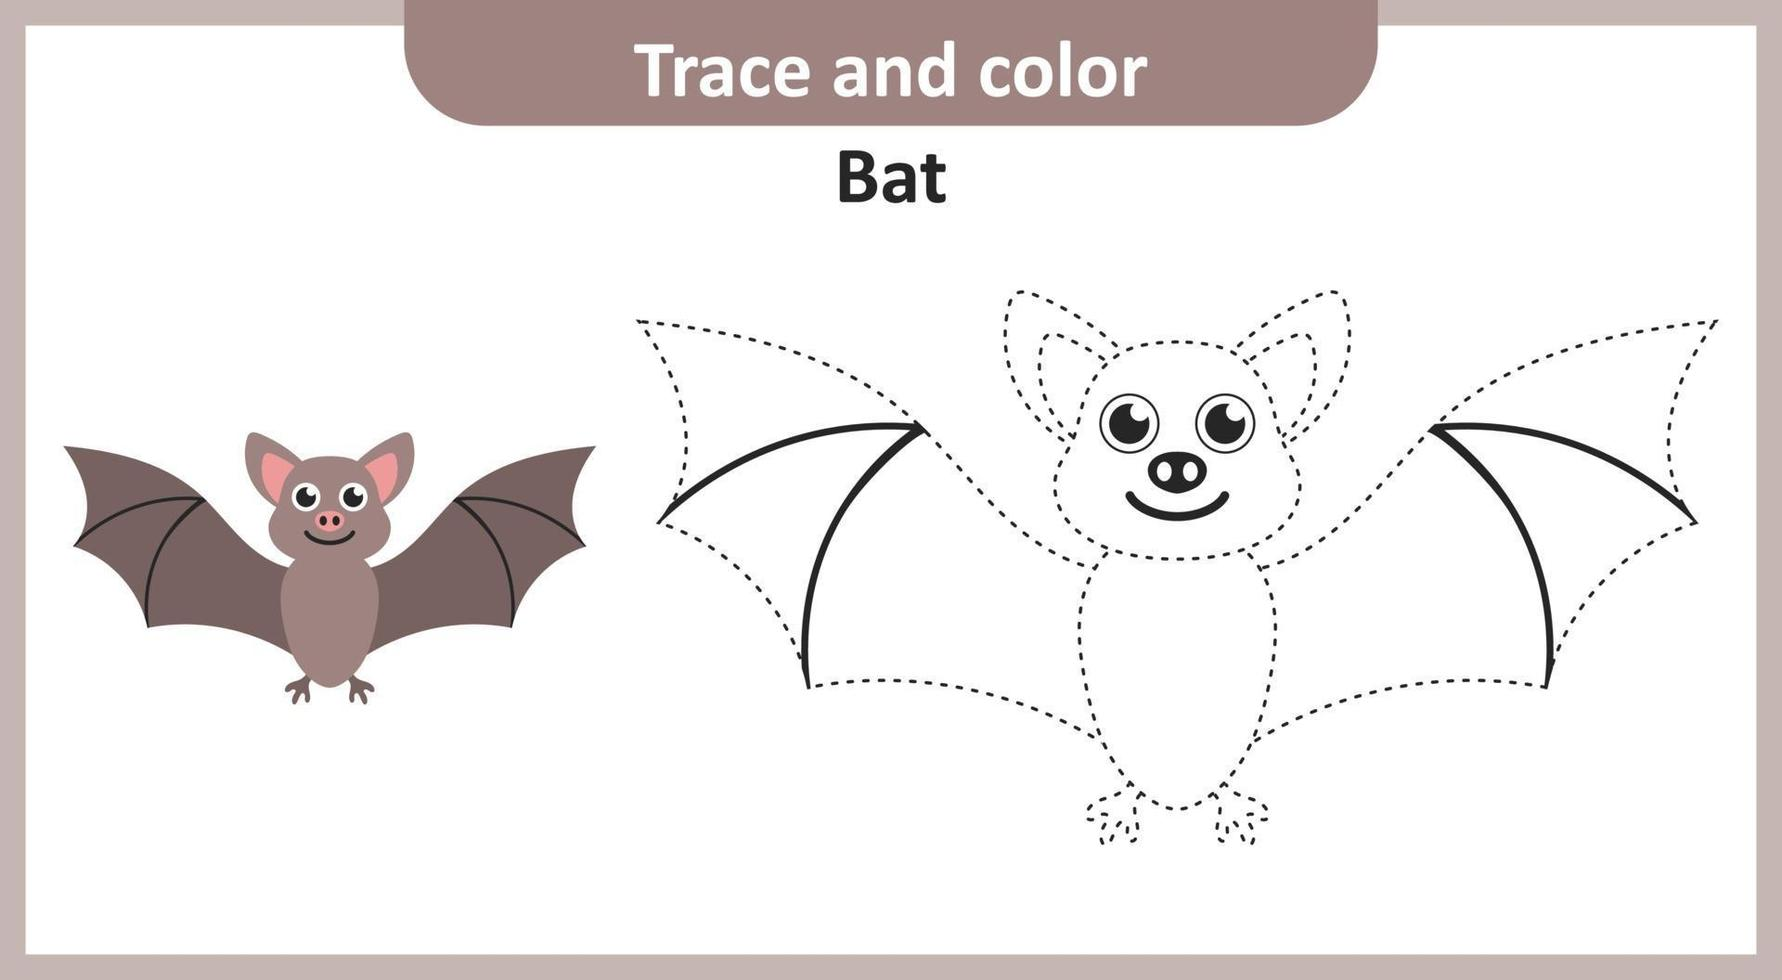 traço e morcego colorido vetor